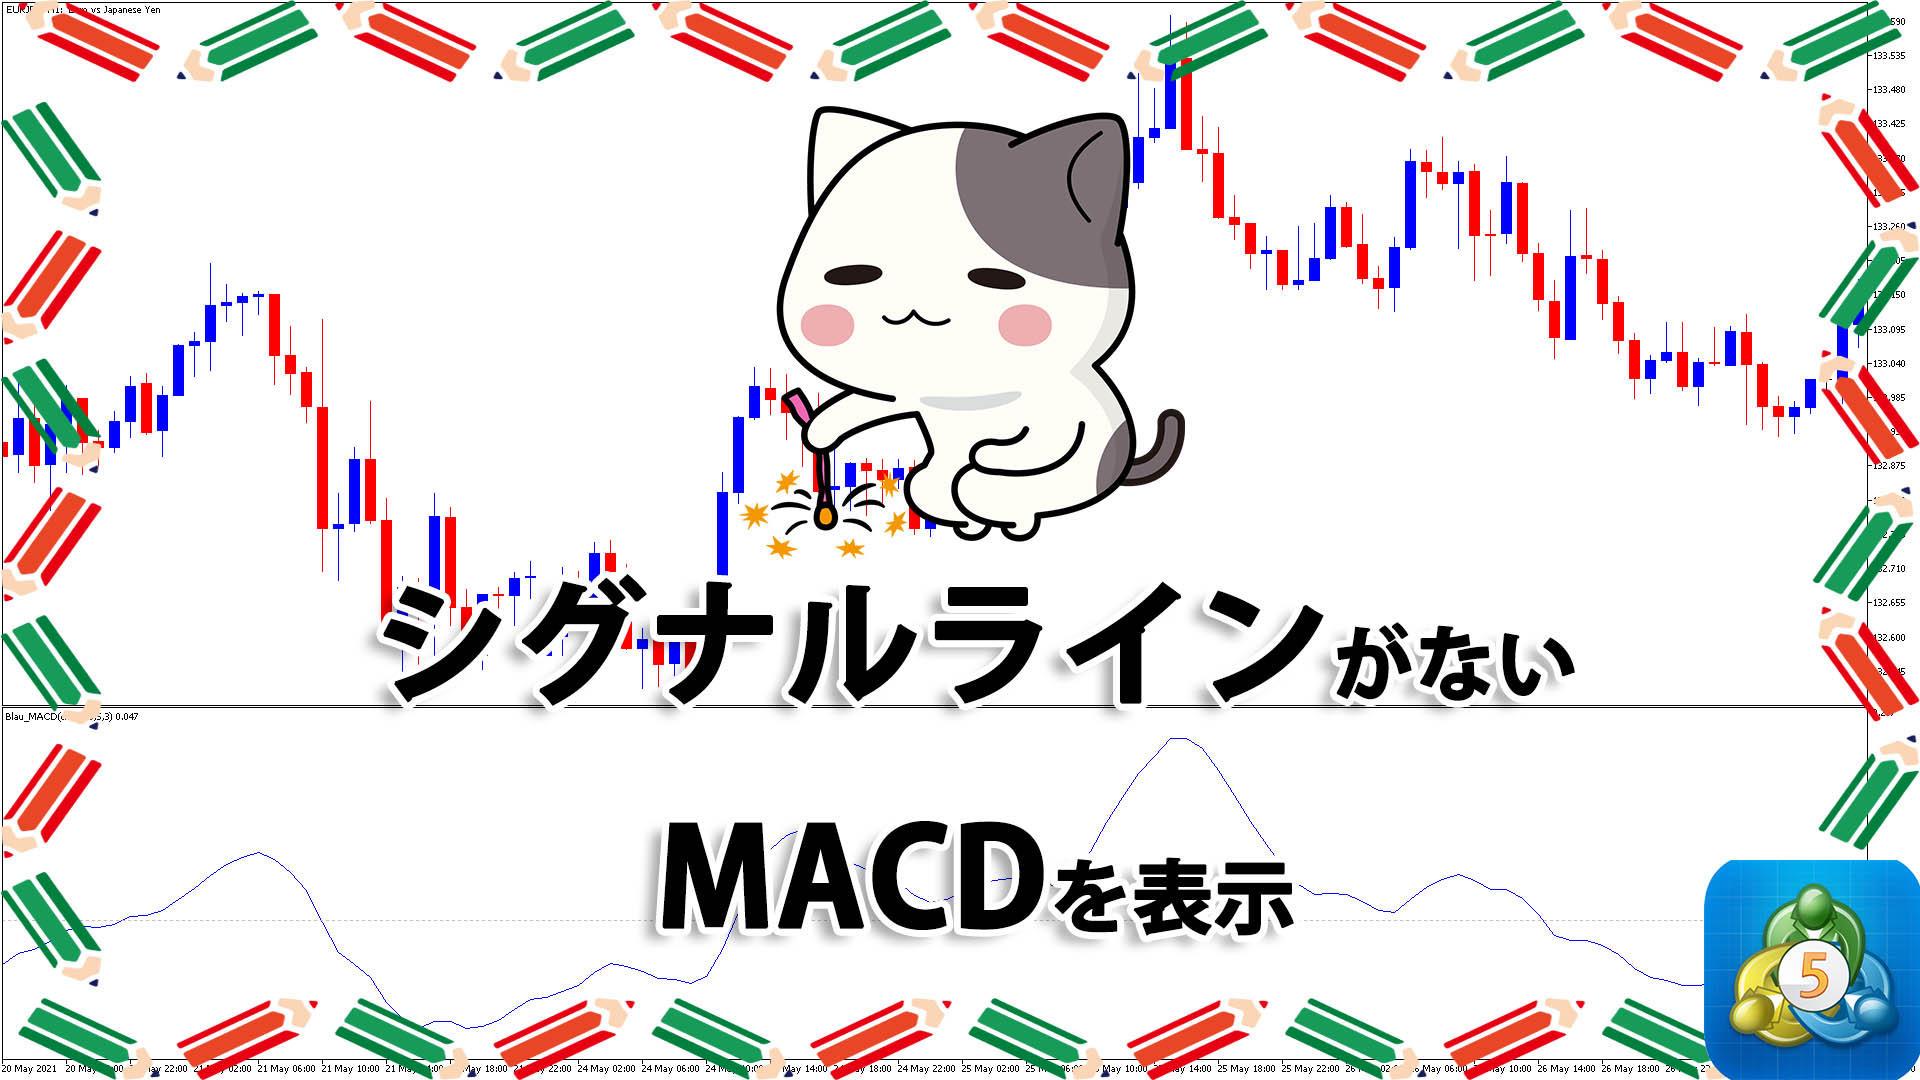 シグナルラインを省略したMACDを表示するMT5インジケーター「blau_macd」